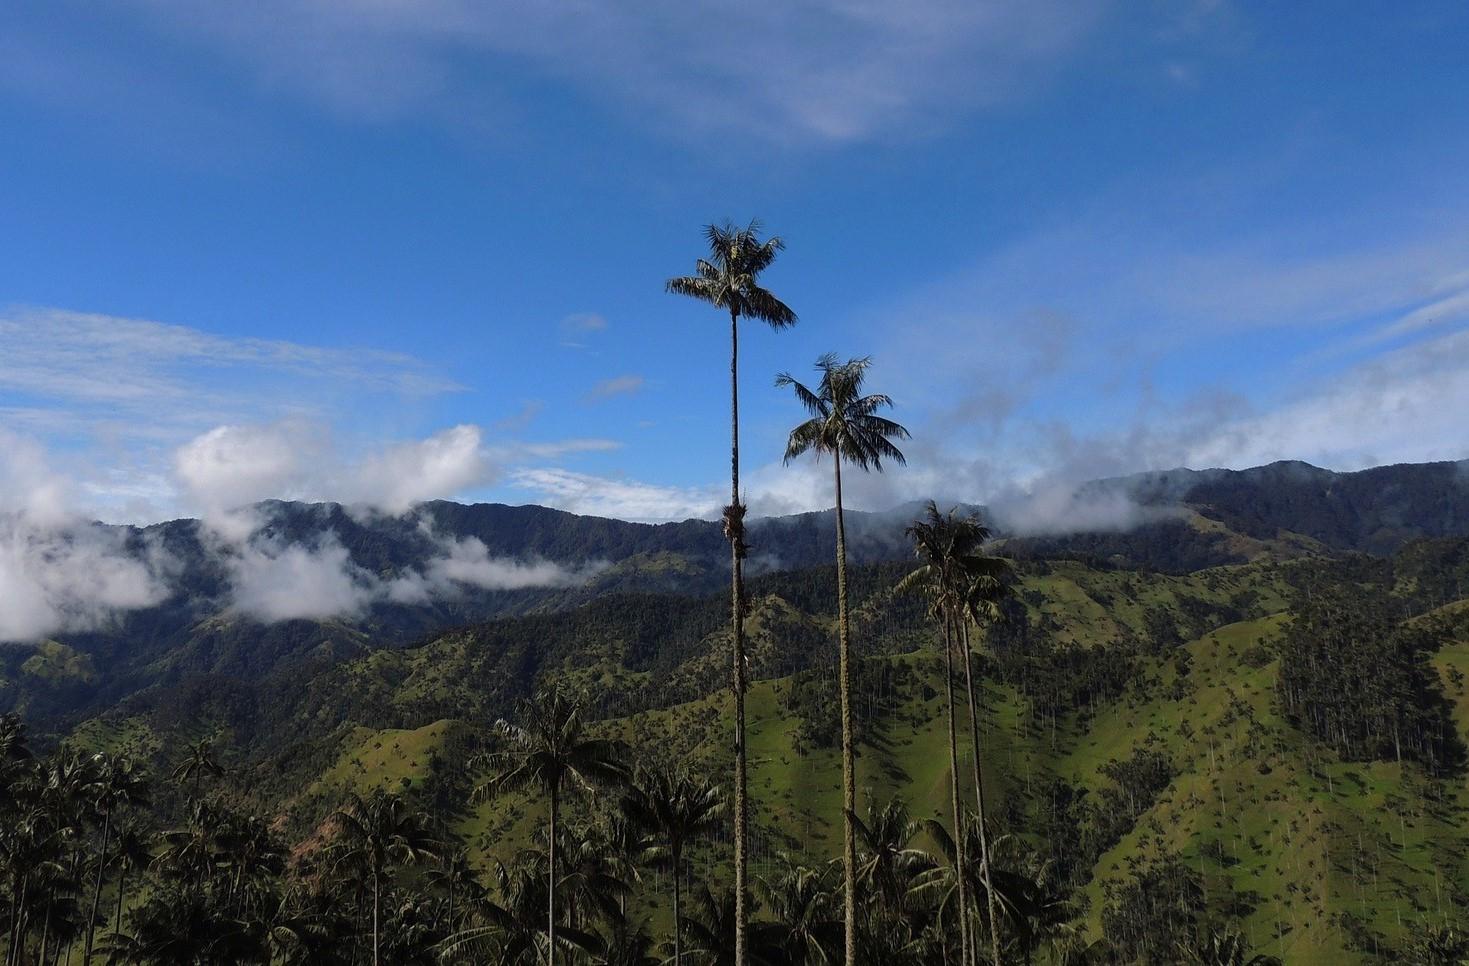 La Palma de Cera del Quindío es una palma nativa de los valles altos andinos del Parque Nacional Natural Los Nevados, en los departamentos de Quindío, Risaralda y Tolima, al noroccidente de Colombia. Crece hasta 60 metros de altura y es la más grande monocotiledónea del mundo. Fue estudiada por el naturalista Alexander Von Humboldt en 1801 y fue adoptada oficialmente como árbol nacional por la Ley 61 del 16 de septiembre de 1985.